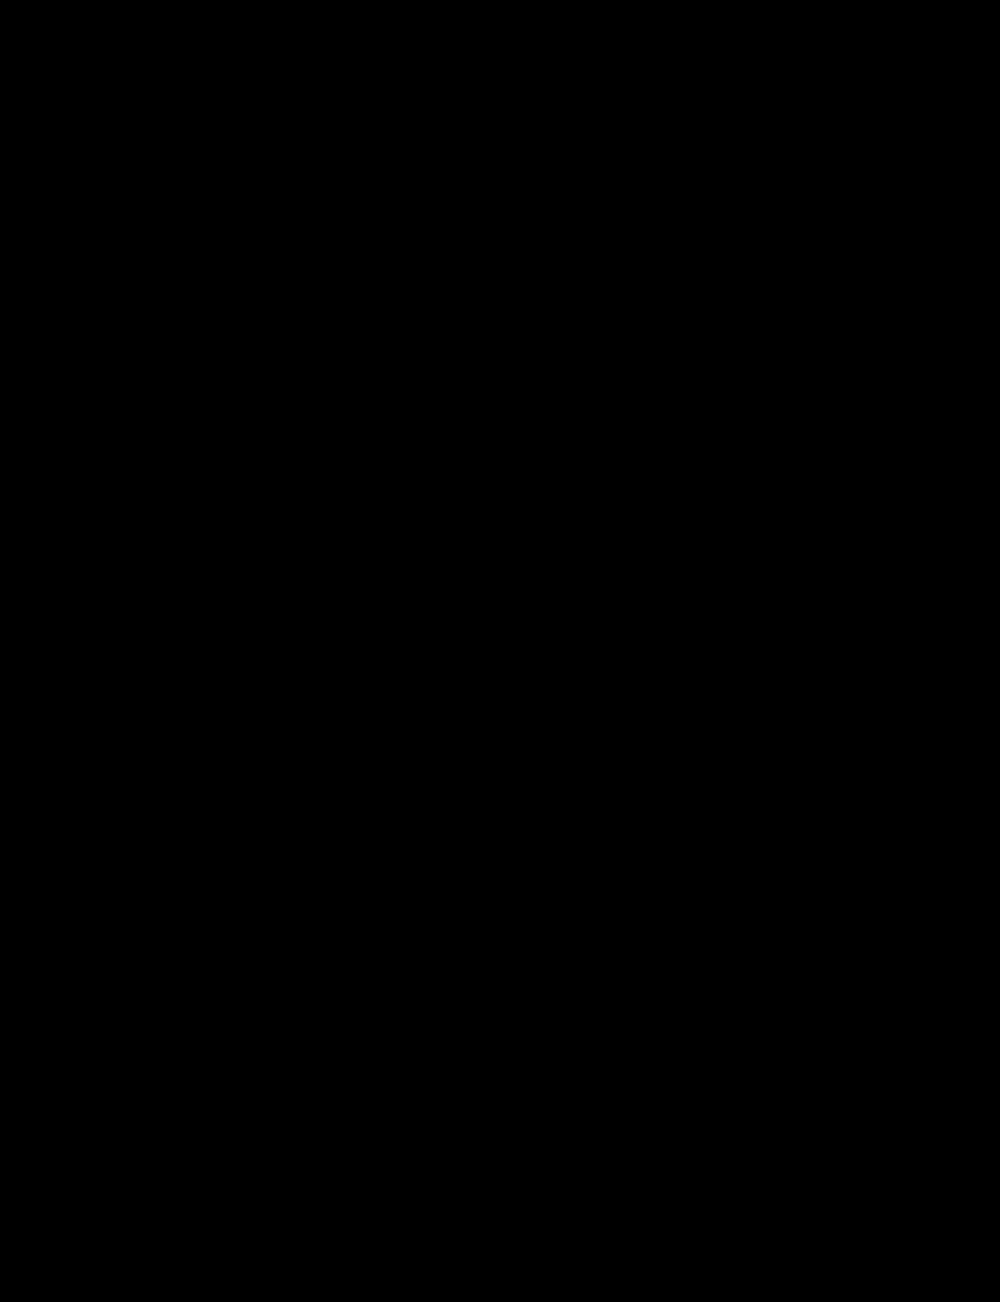 Défilé John Galliano prêt-à-porter printemps-été 2016.